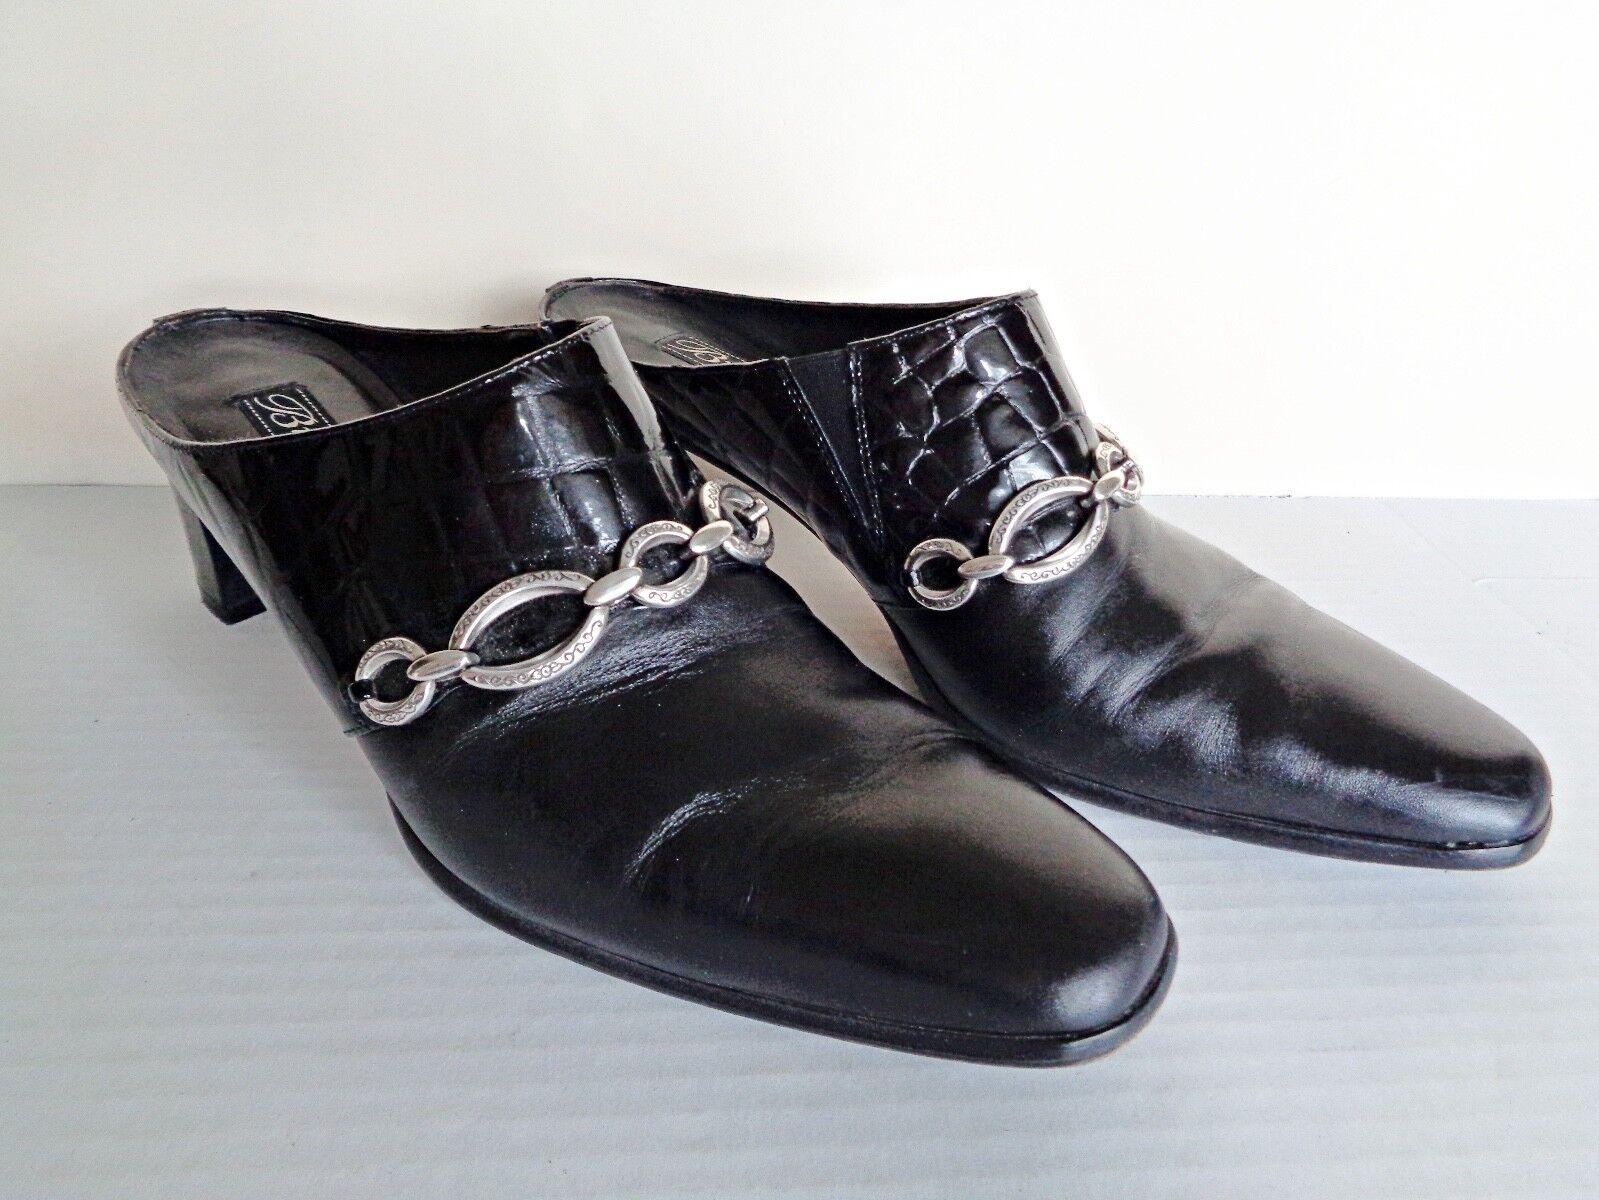 liquidazione fino al 70% Brighton TWIGGY nero Croc Croc Croc Leather Mules Heels scarpe 8N - EUC  garanzia di credito